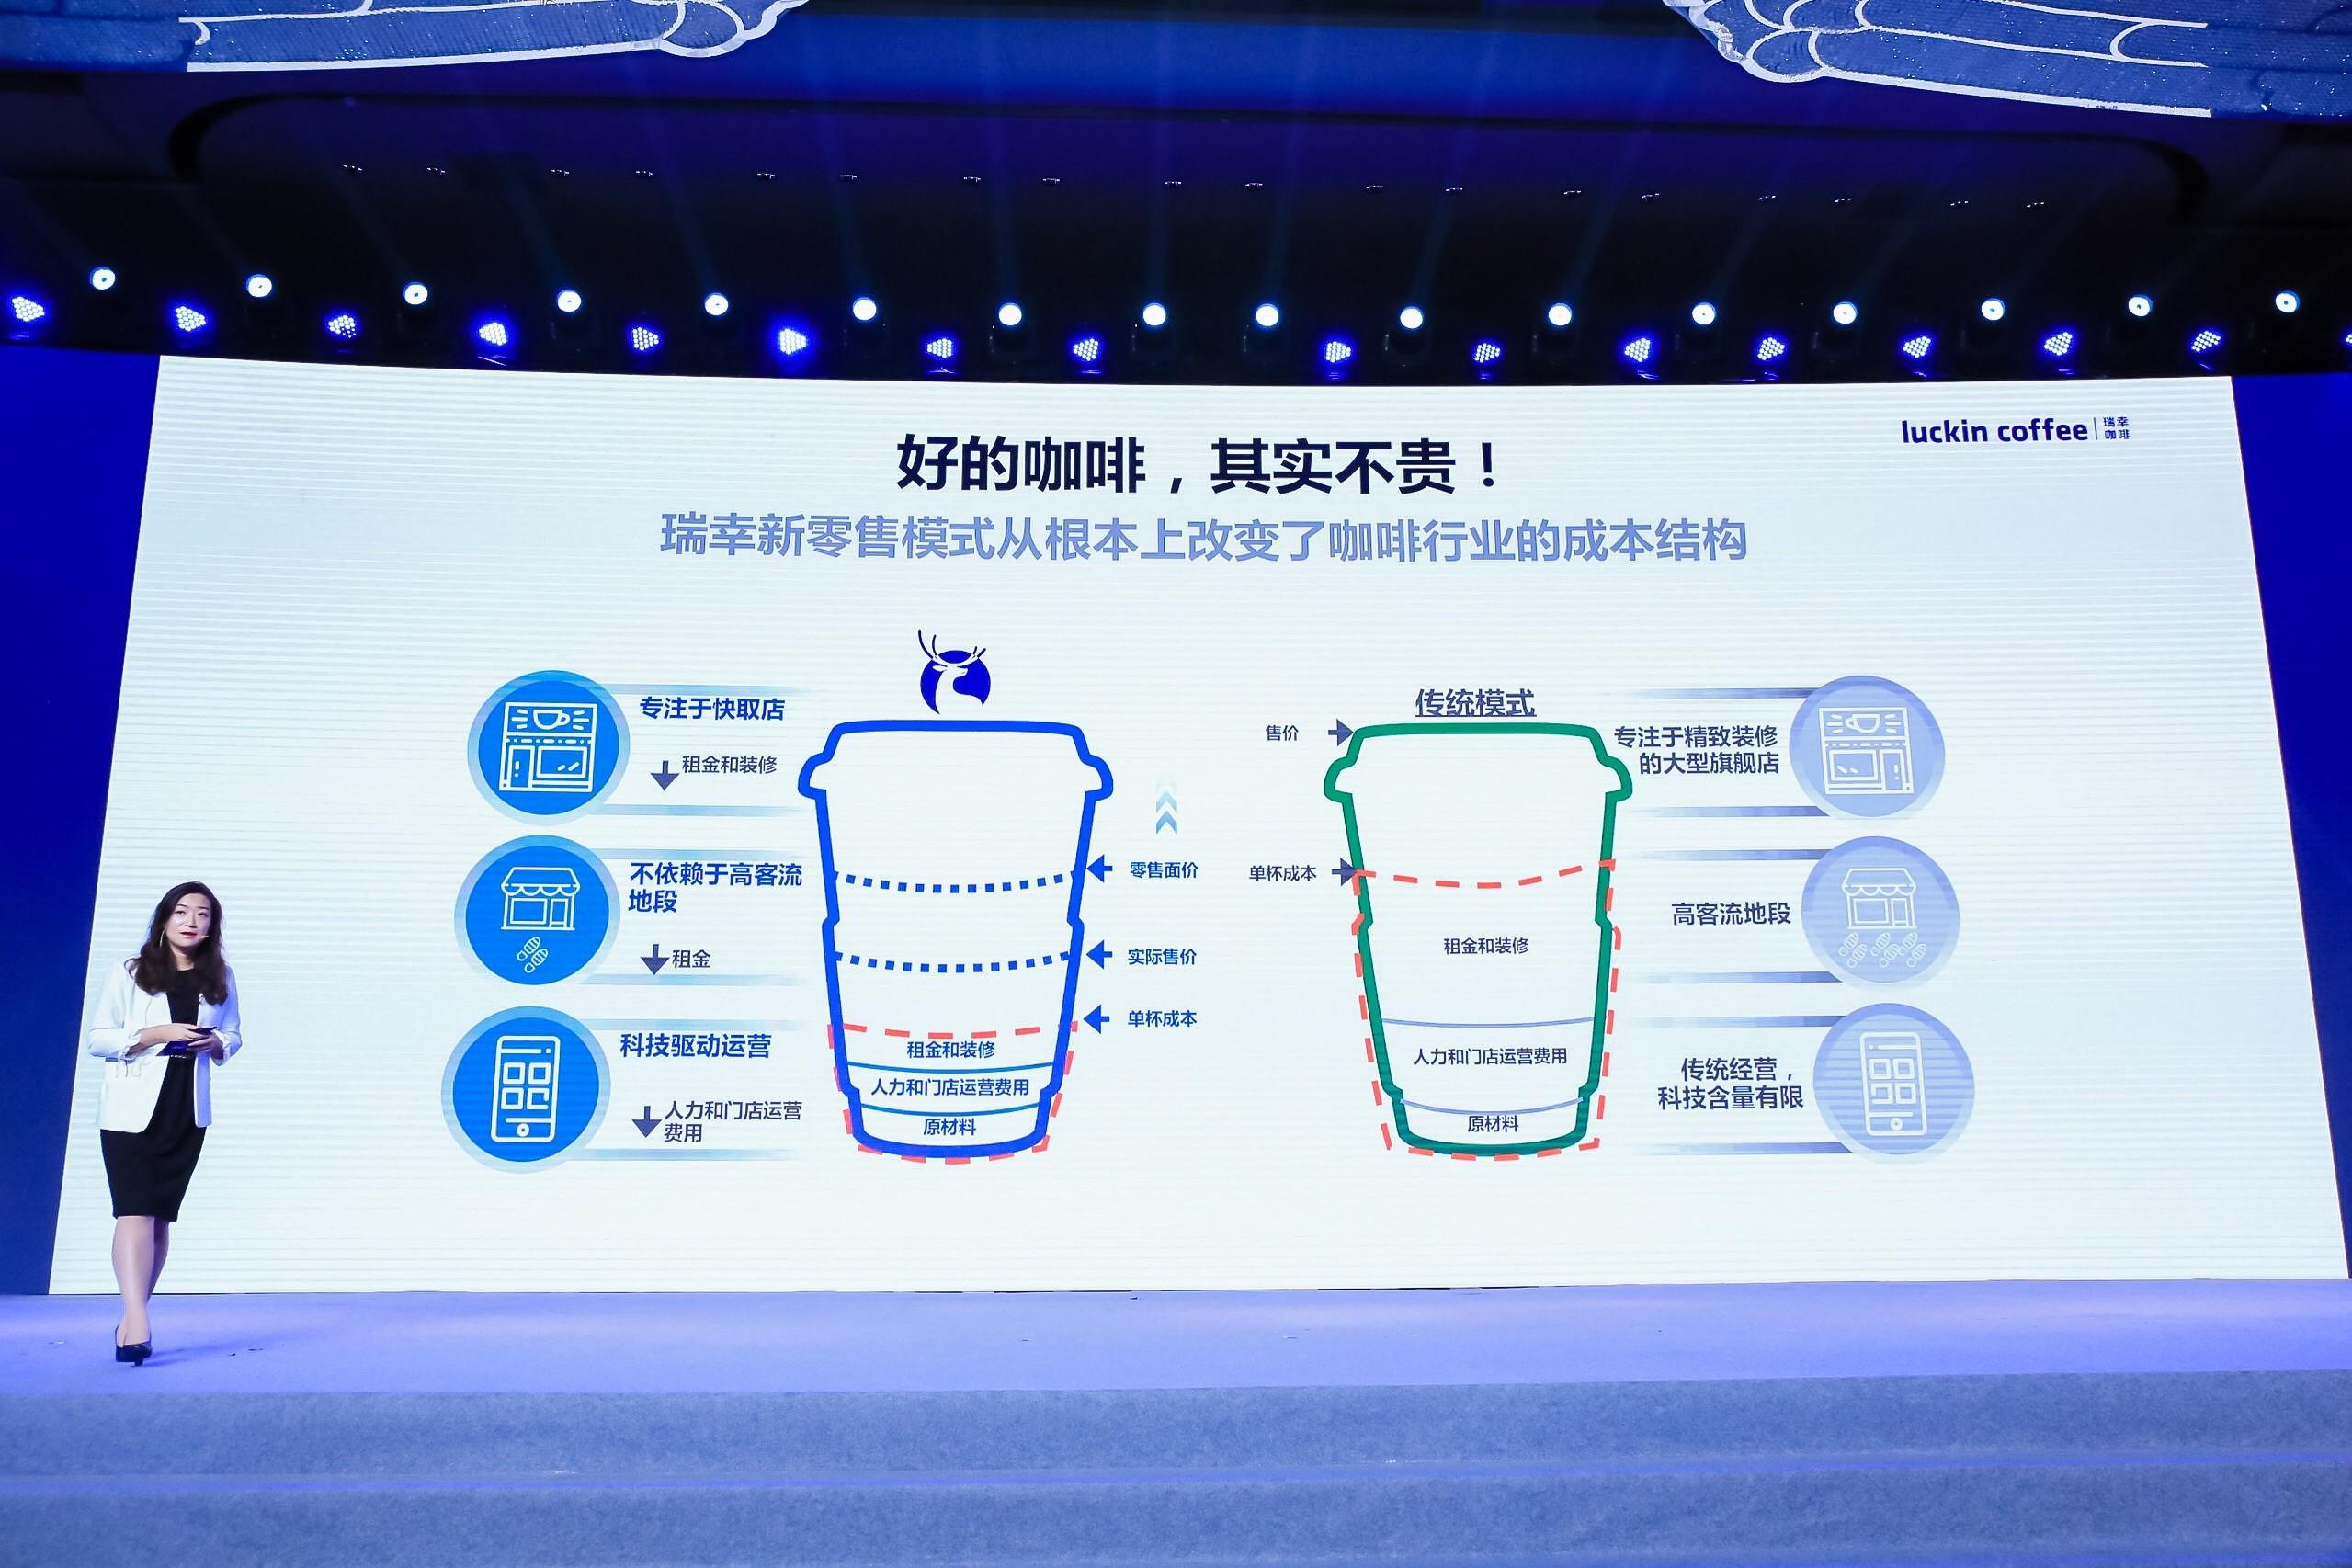 瑞幸咖啡宣布2021年底将建成10000家门店